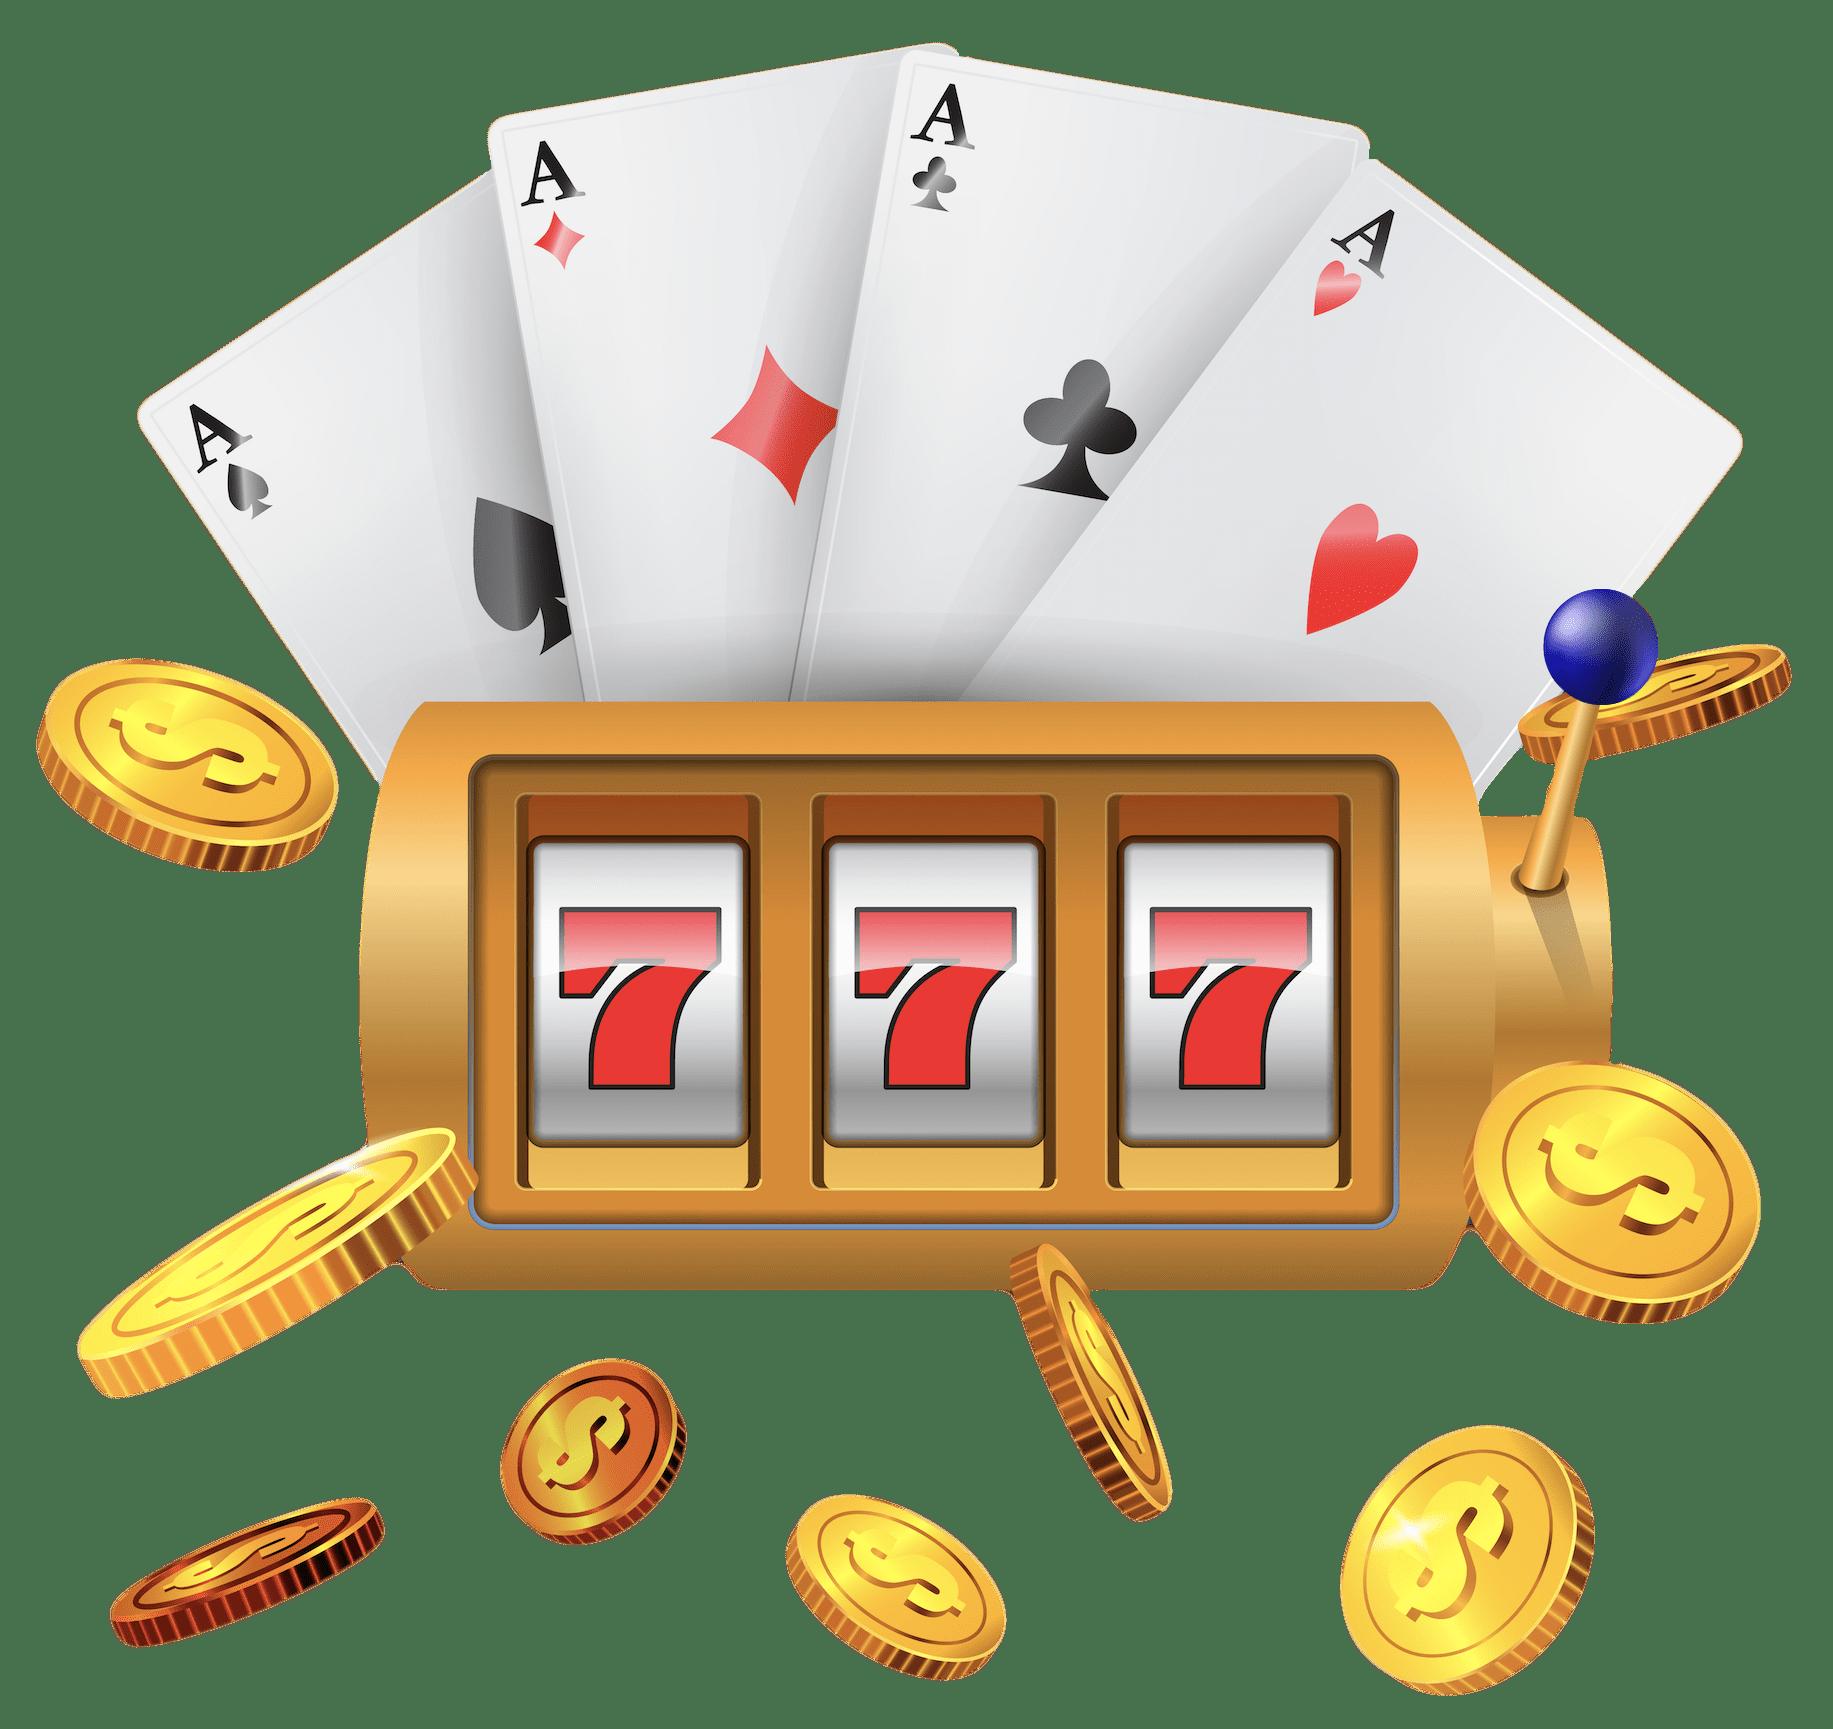 Bitcoin spel bonusar - 79920